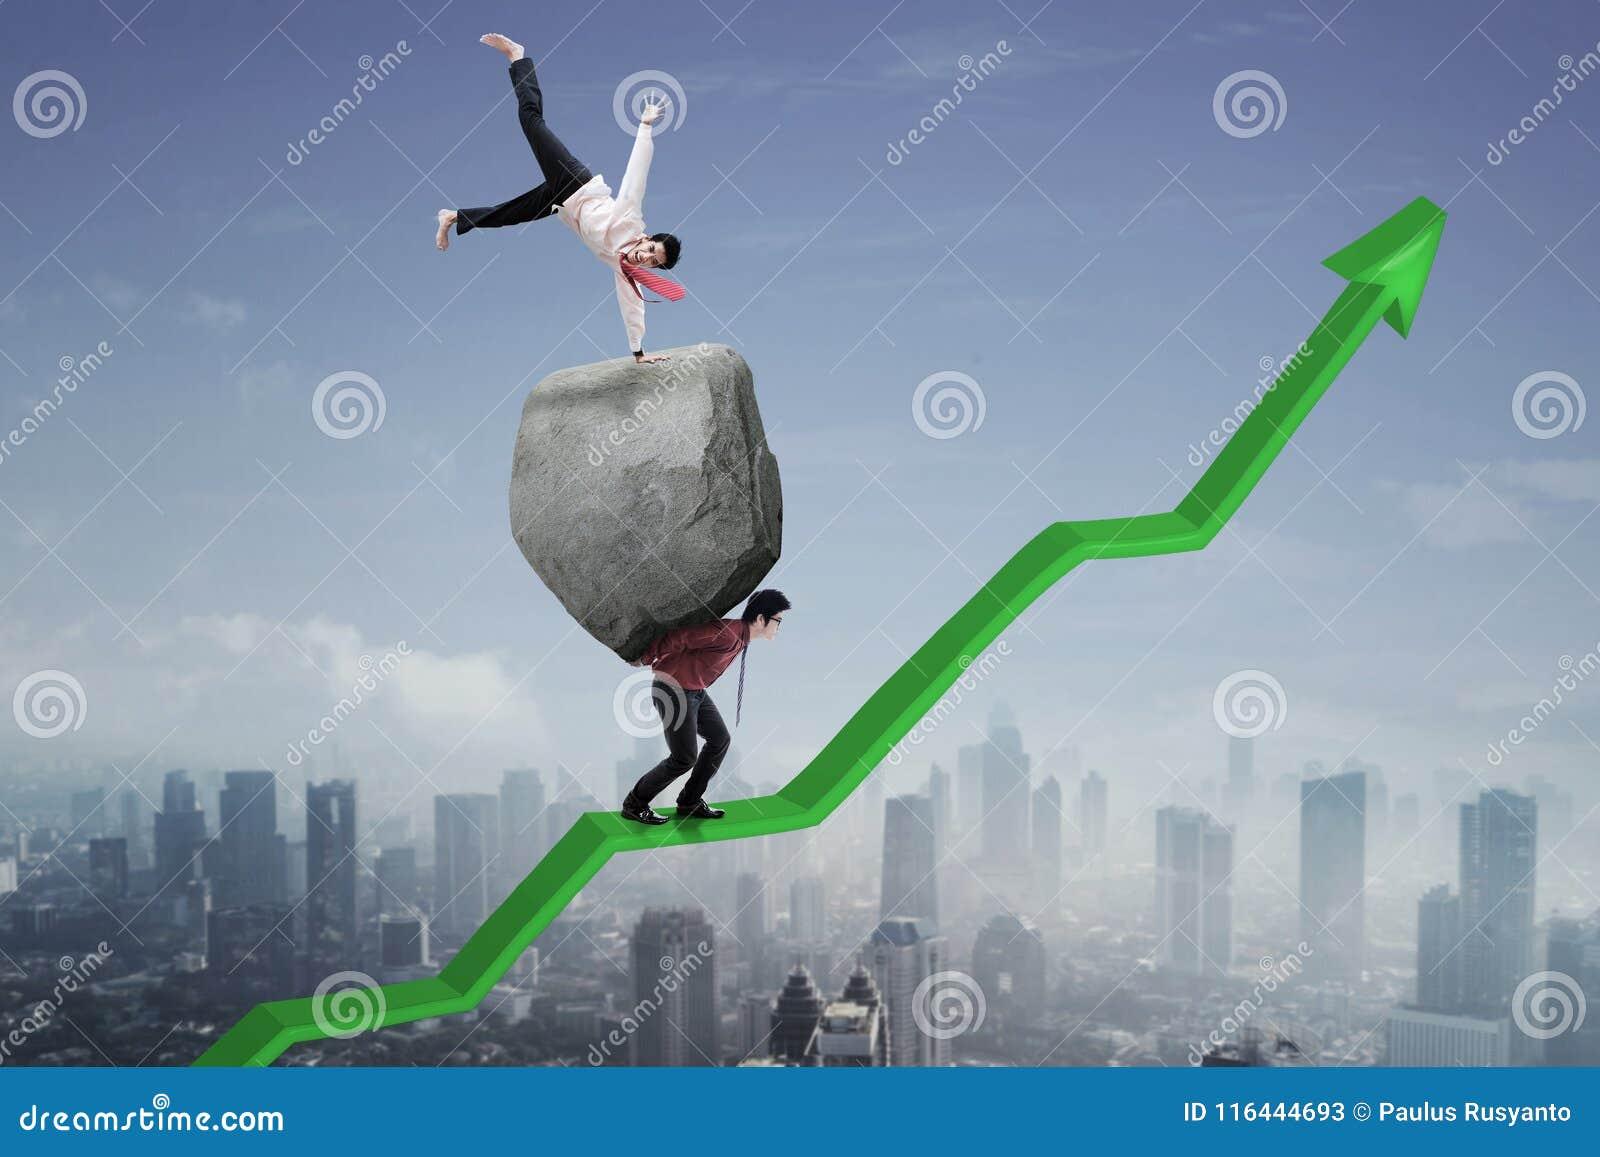 Успешный бизнесмен с его партнером на вверх стрелке